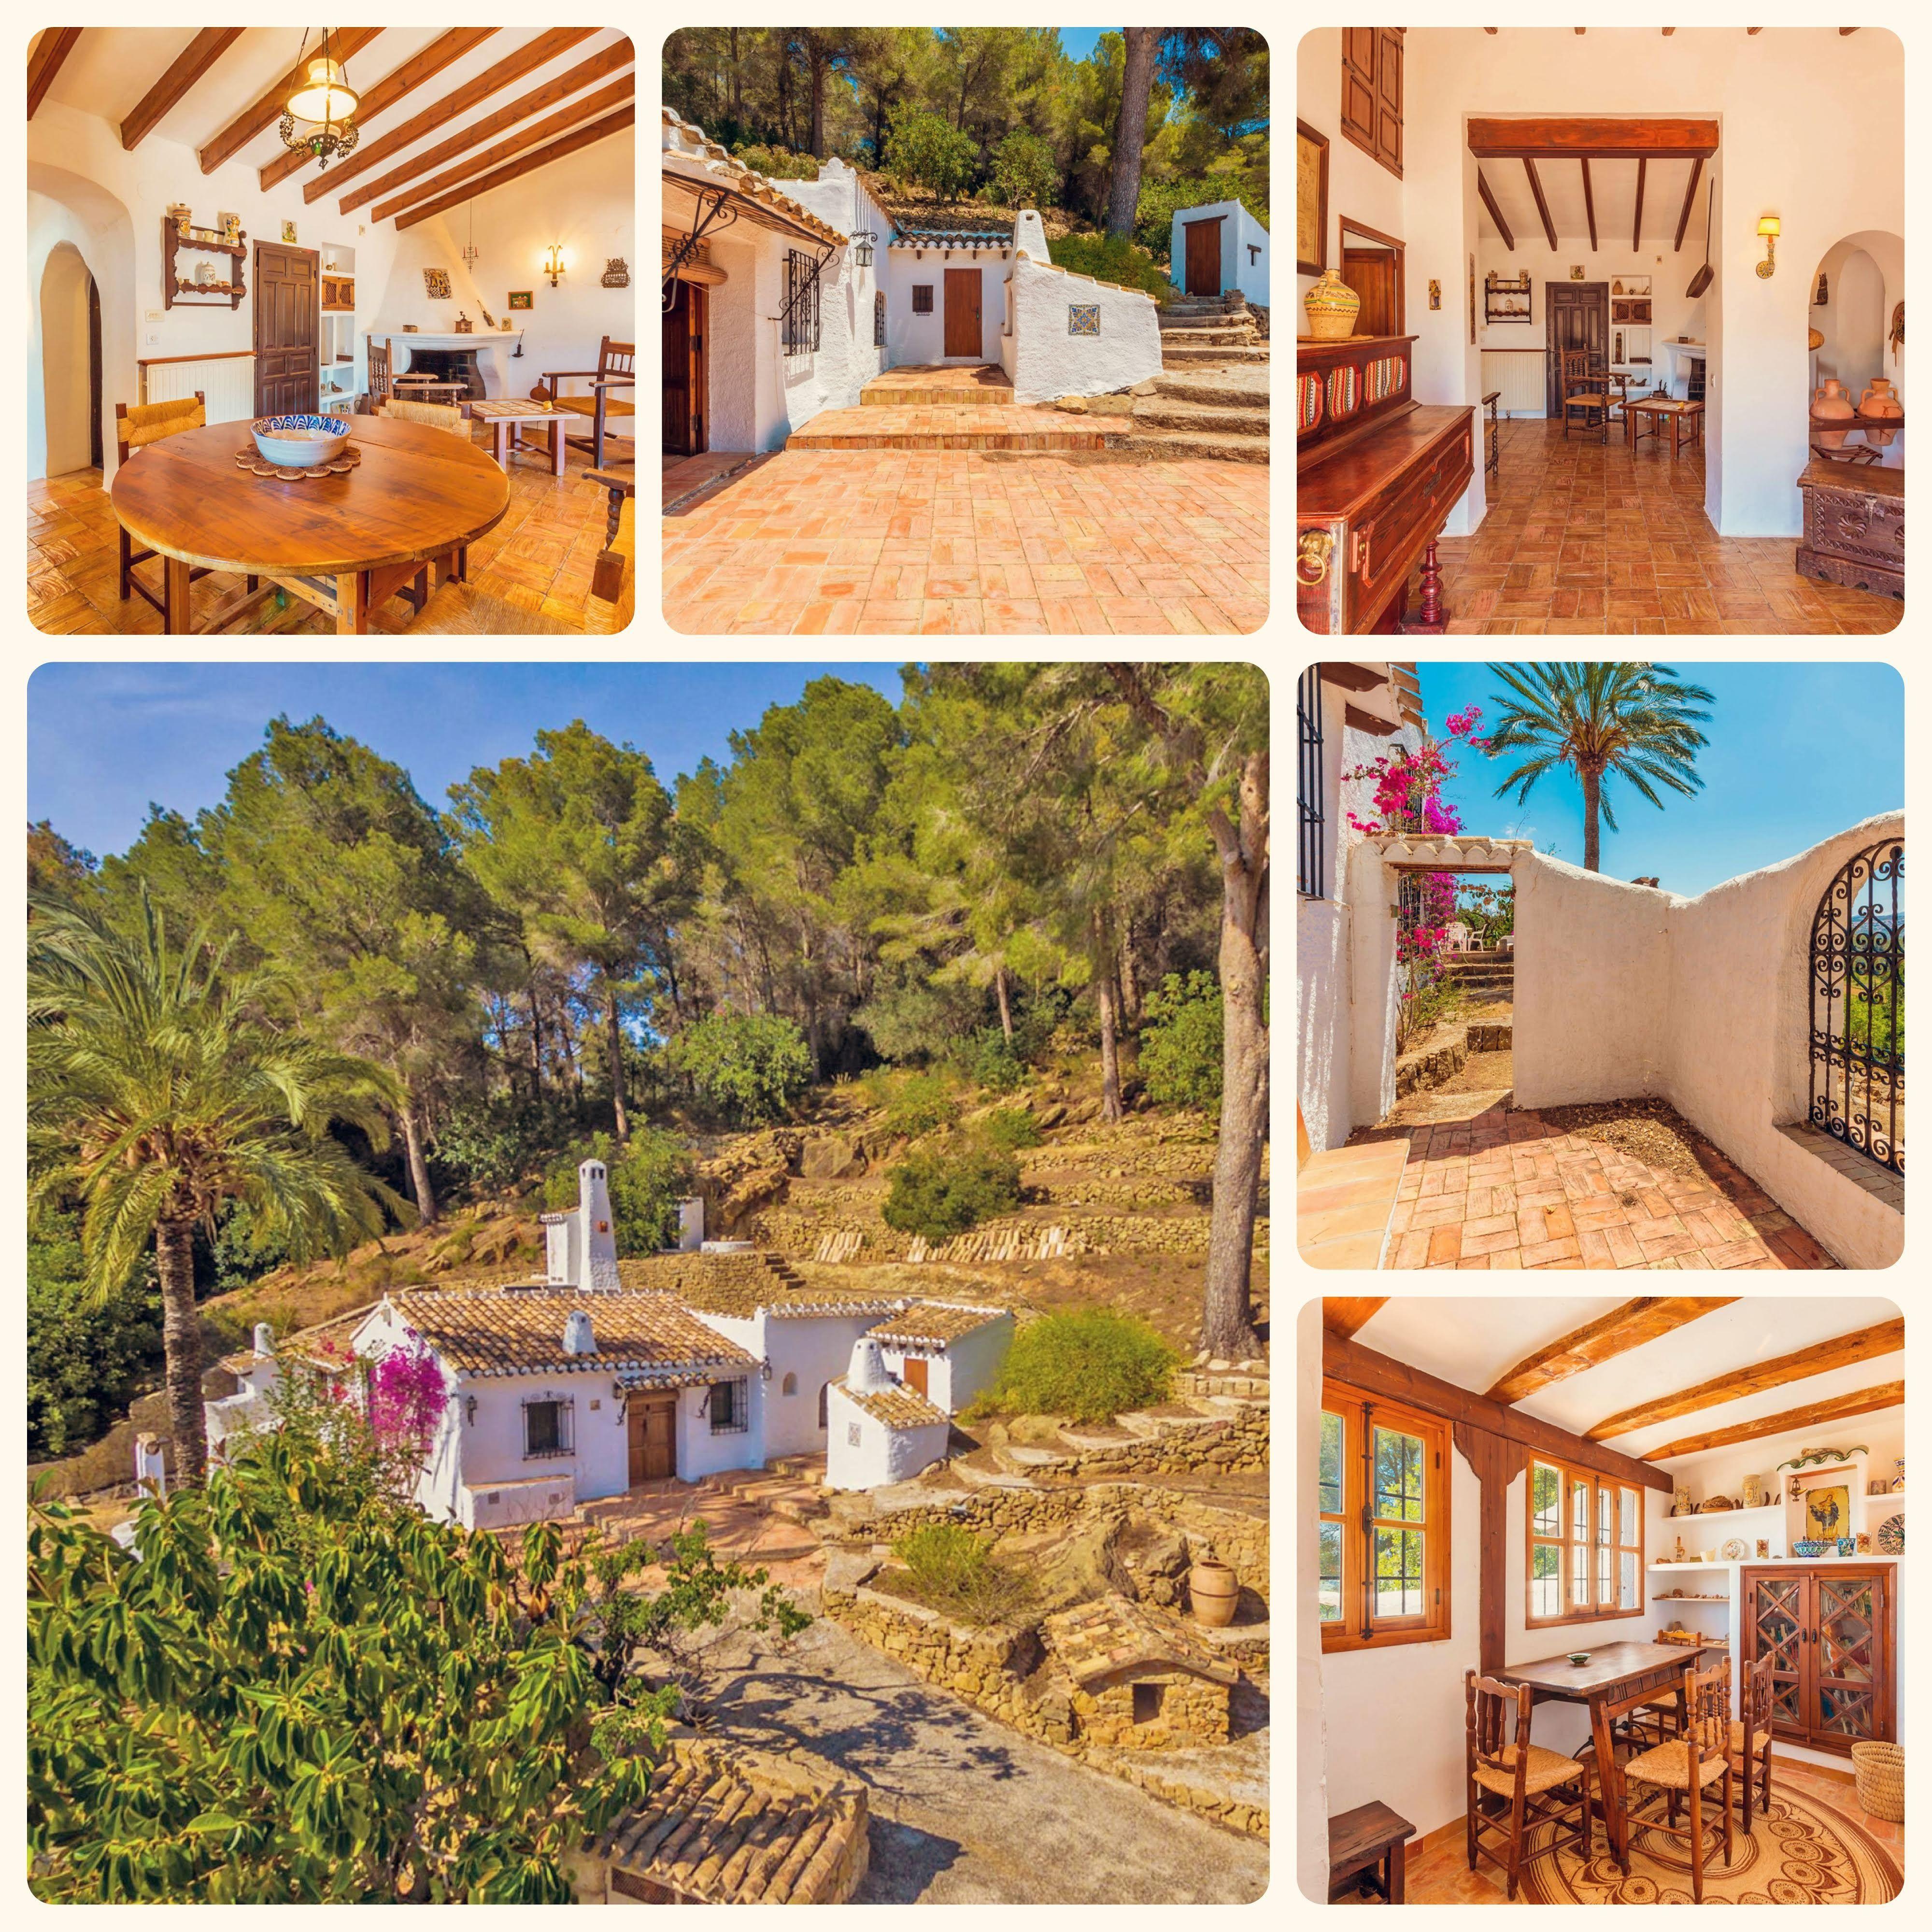 Country House For Sale In Jesús Pobre Landhuis Te Koop In Jésus Pobre 295 000 Casacasa Costablanca Eu Property 60433 Casacasacostab House Spain Costa Blanca